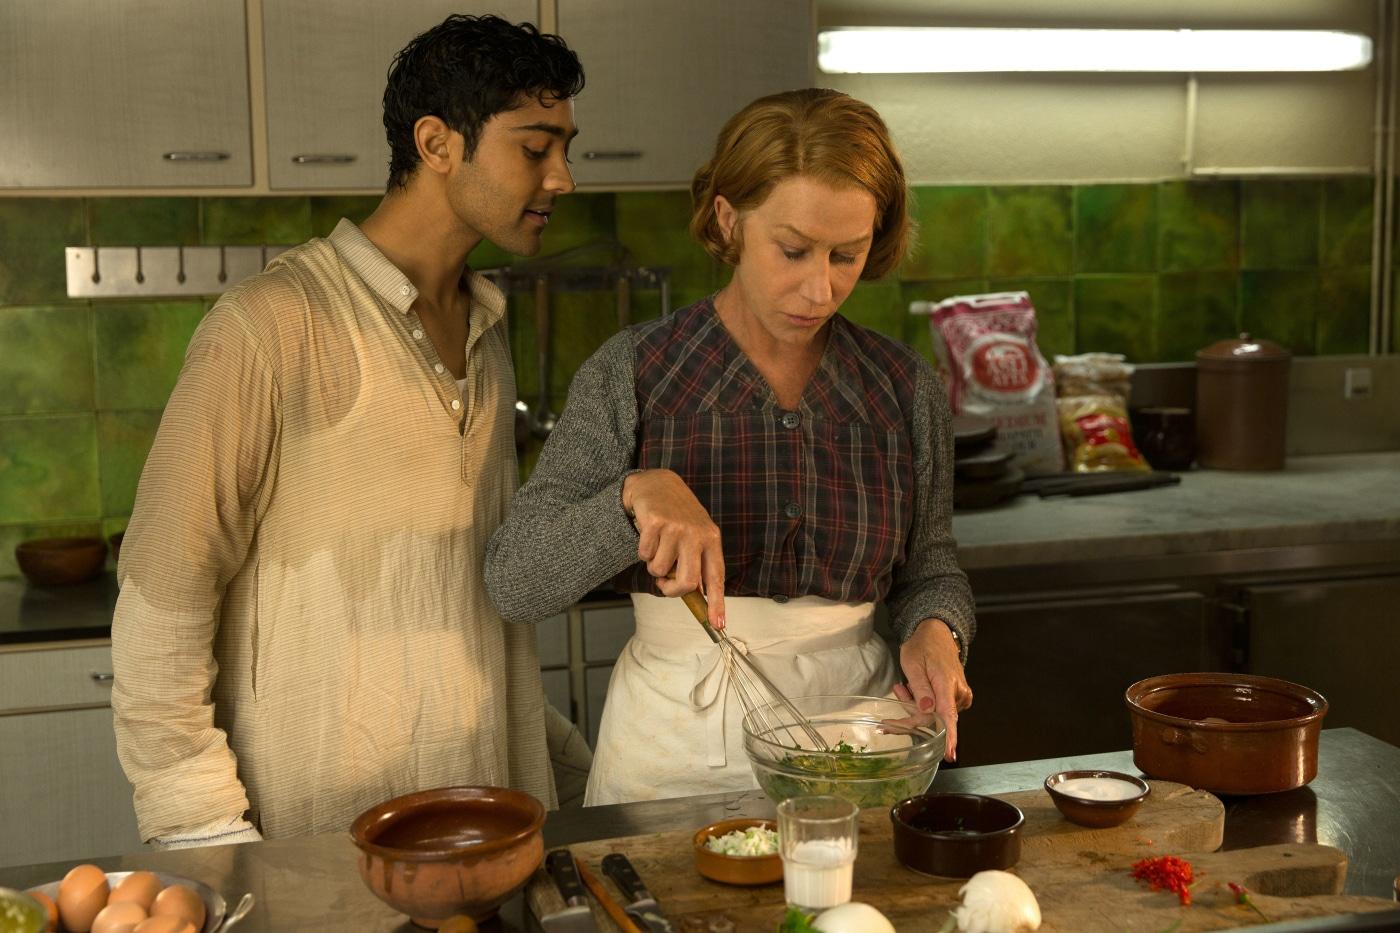 Hassan (Manish Dayal) und Madame Mallory (Helen Mirren) teilen die Leidenschaft für kulinarische Köstlichkeiten. © 2014 Constantin Film Verleih GmbH